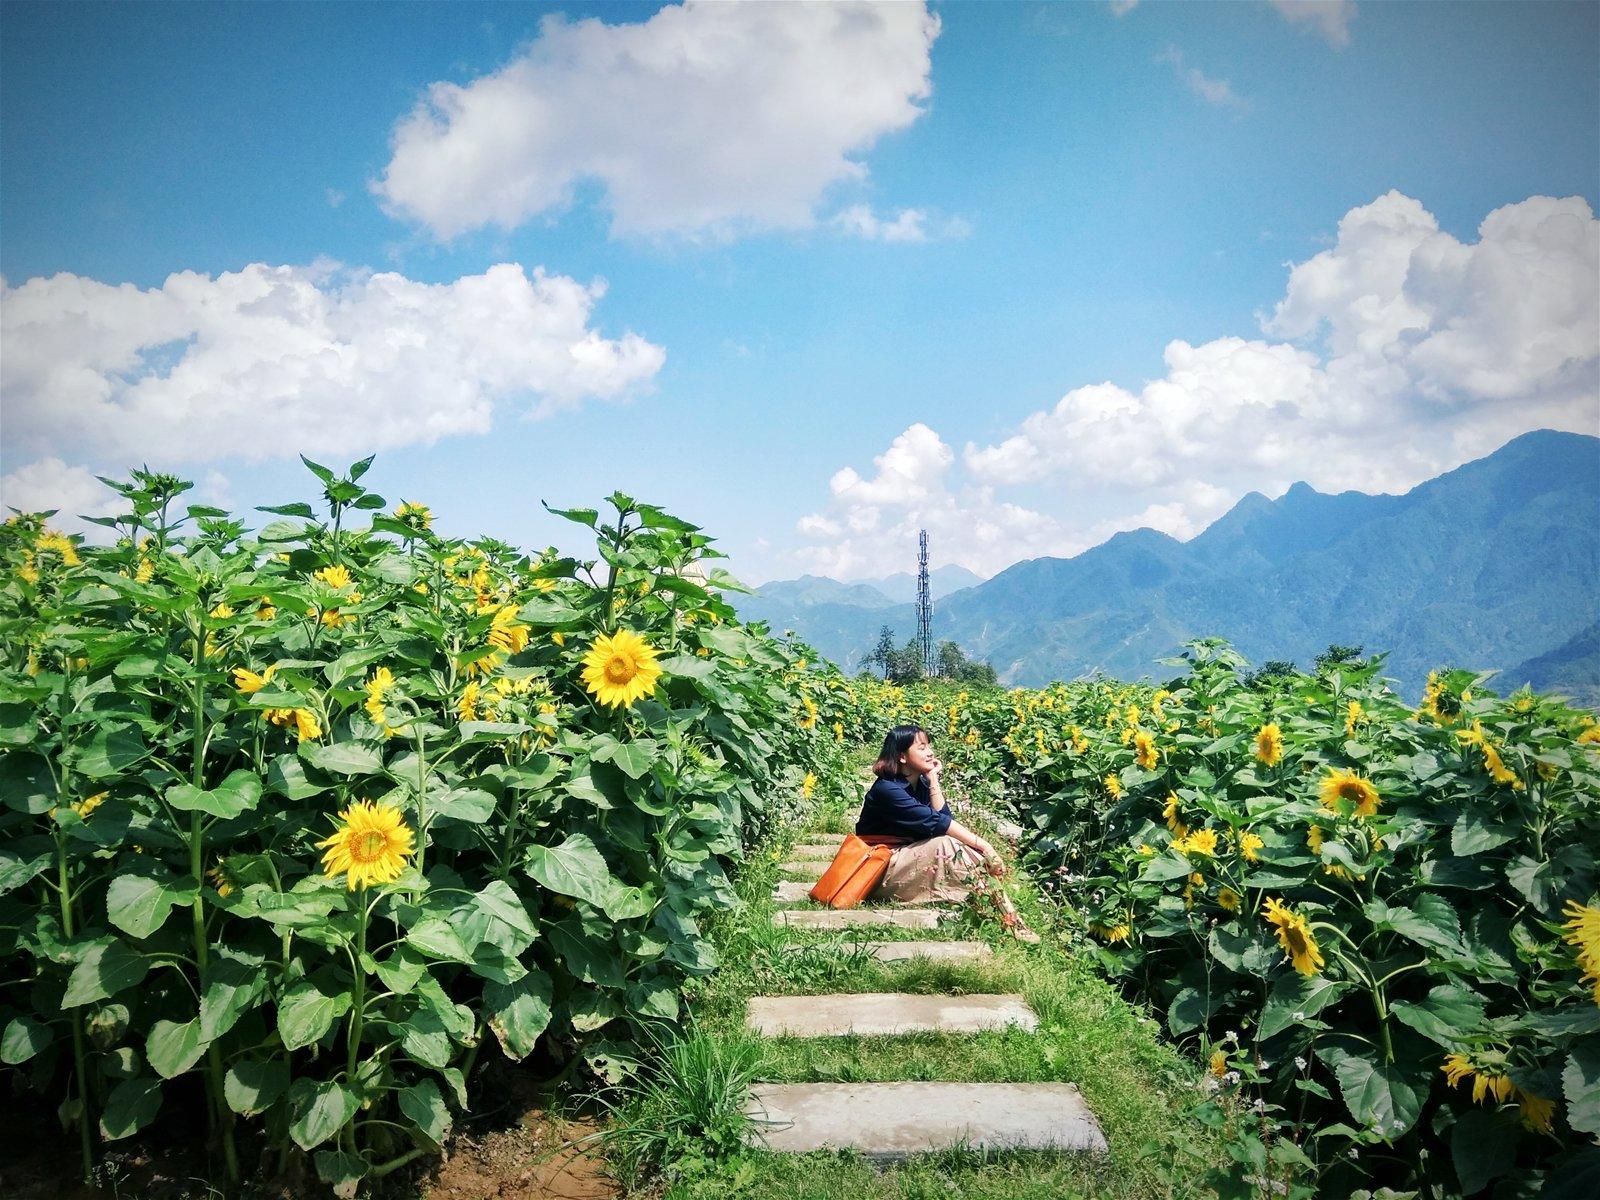 Hình nền đẹp ngồi giữa cánh đồng hoa hướng dương